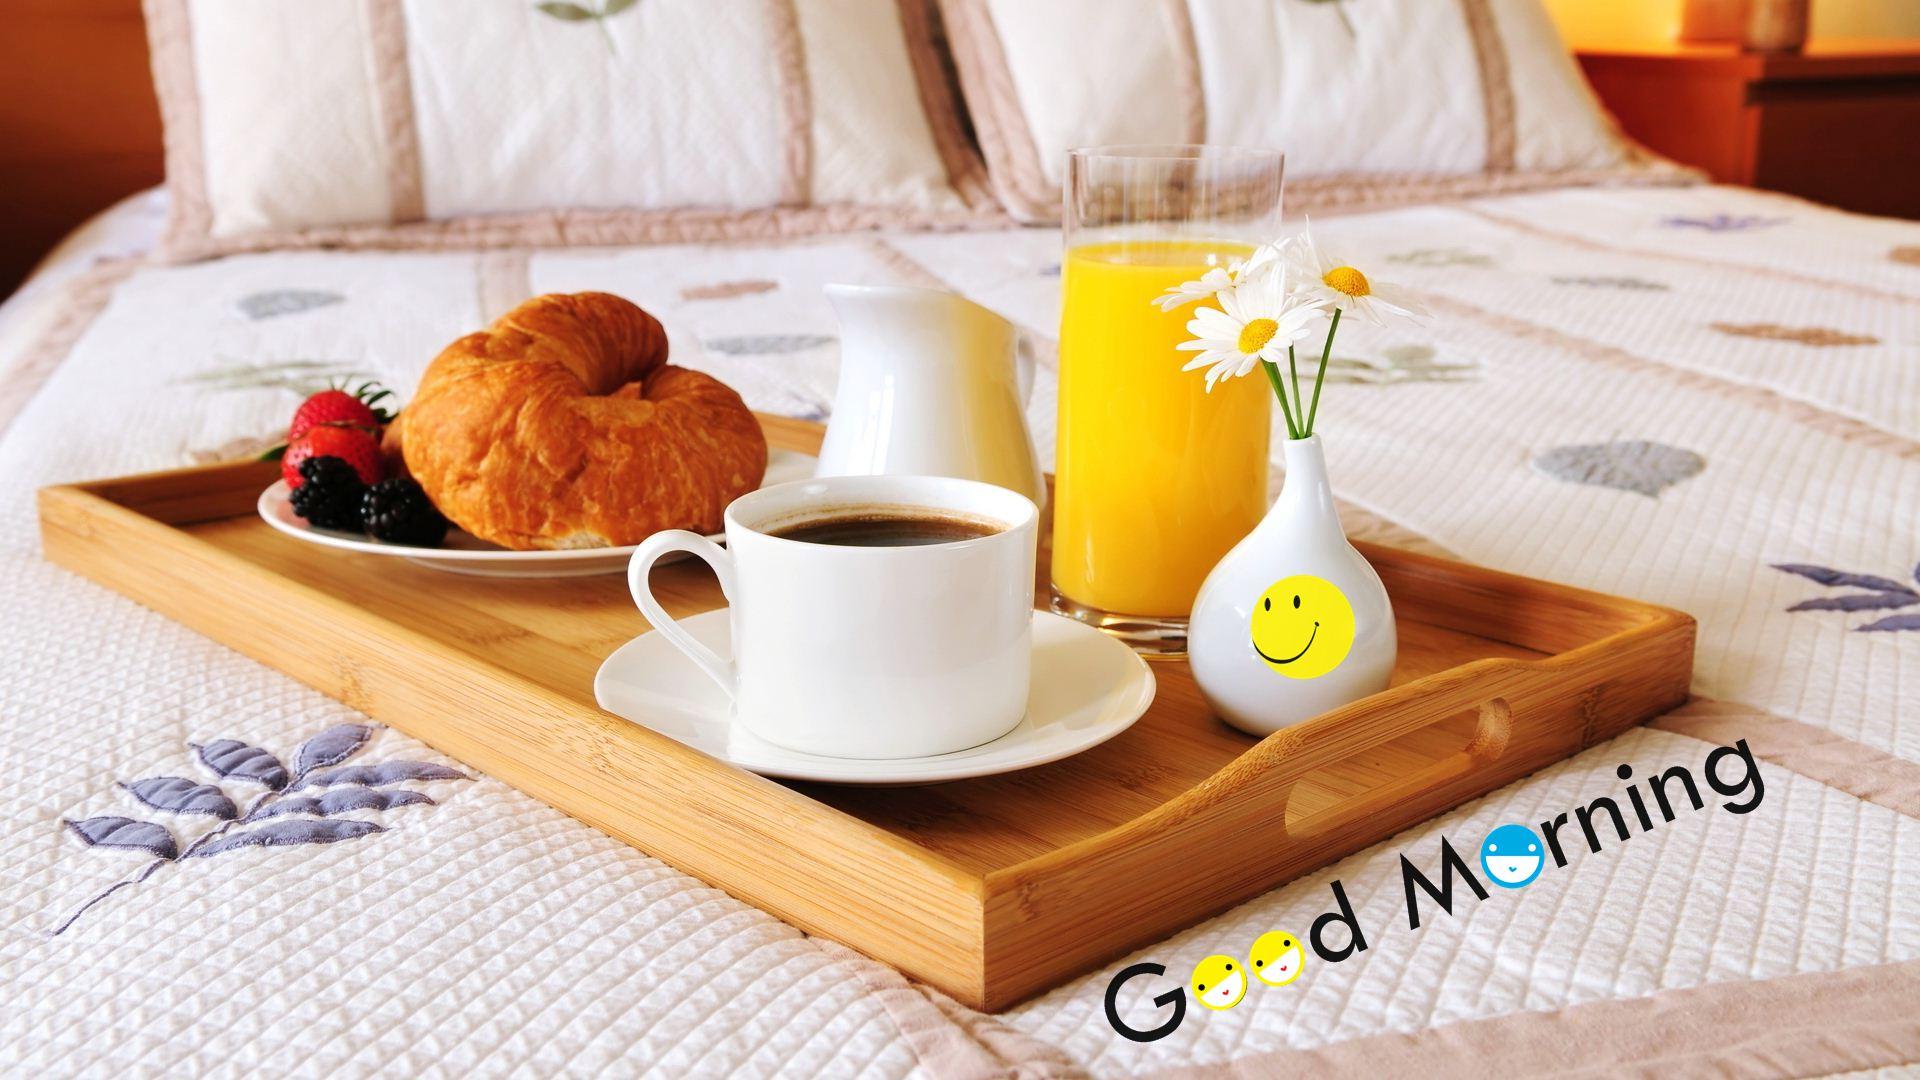 ar reikia valgyti pusryčius